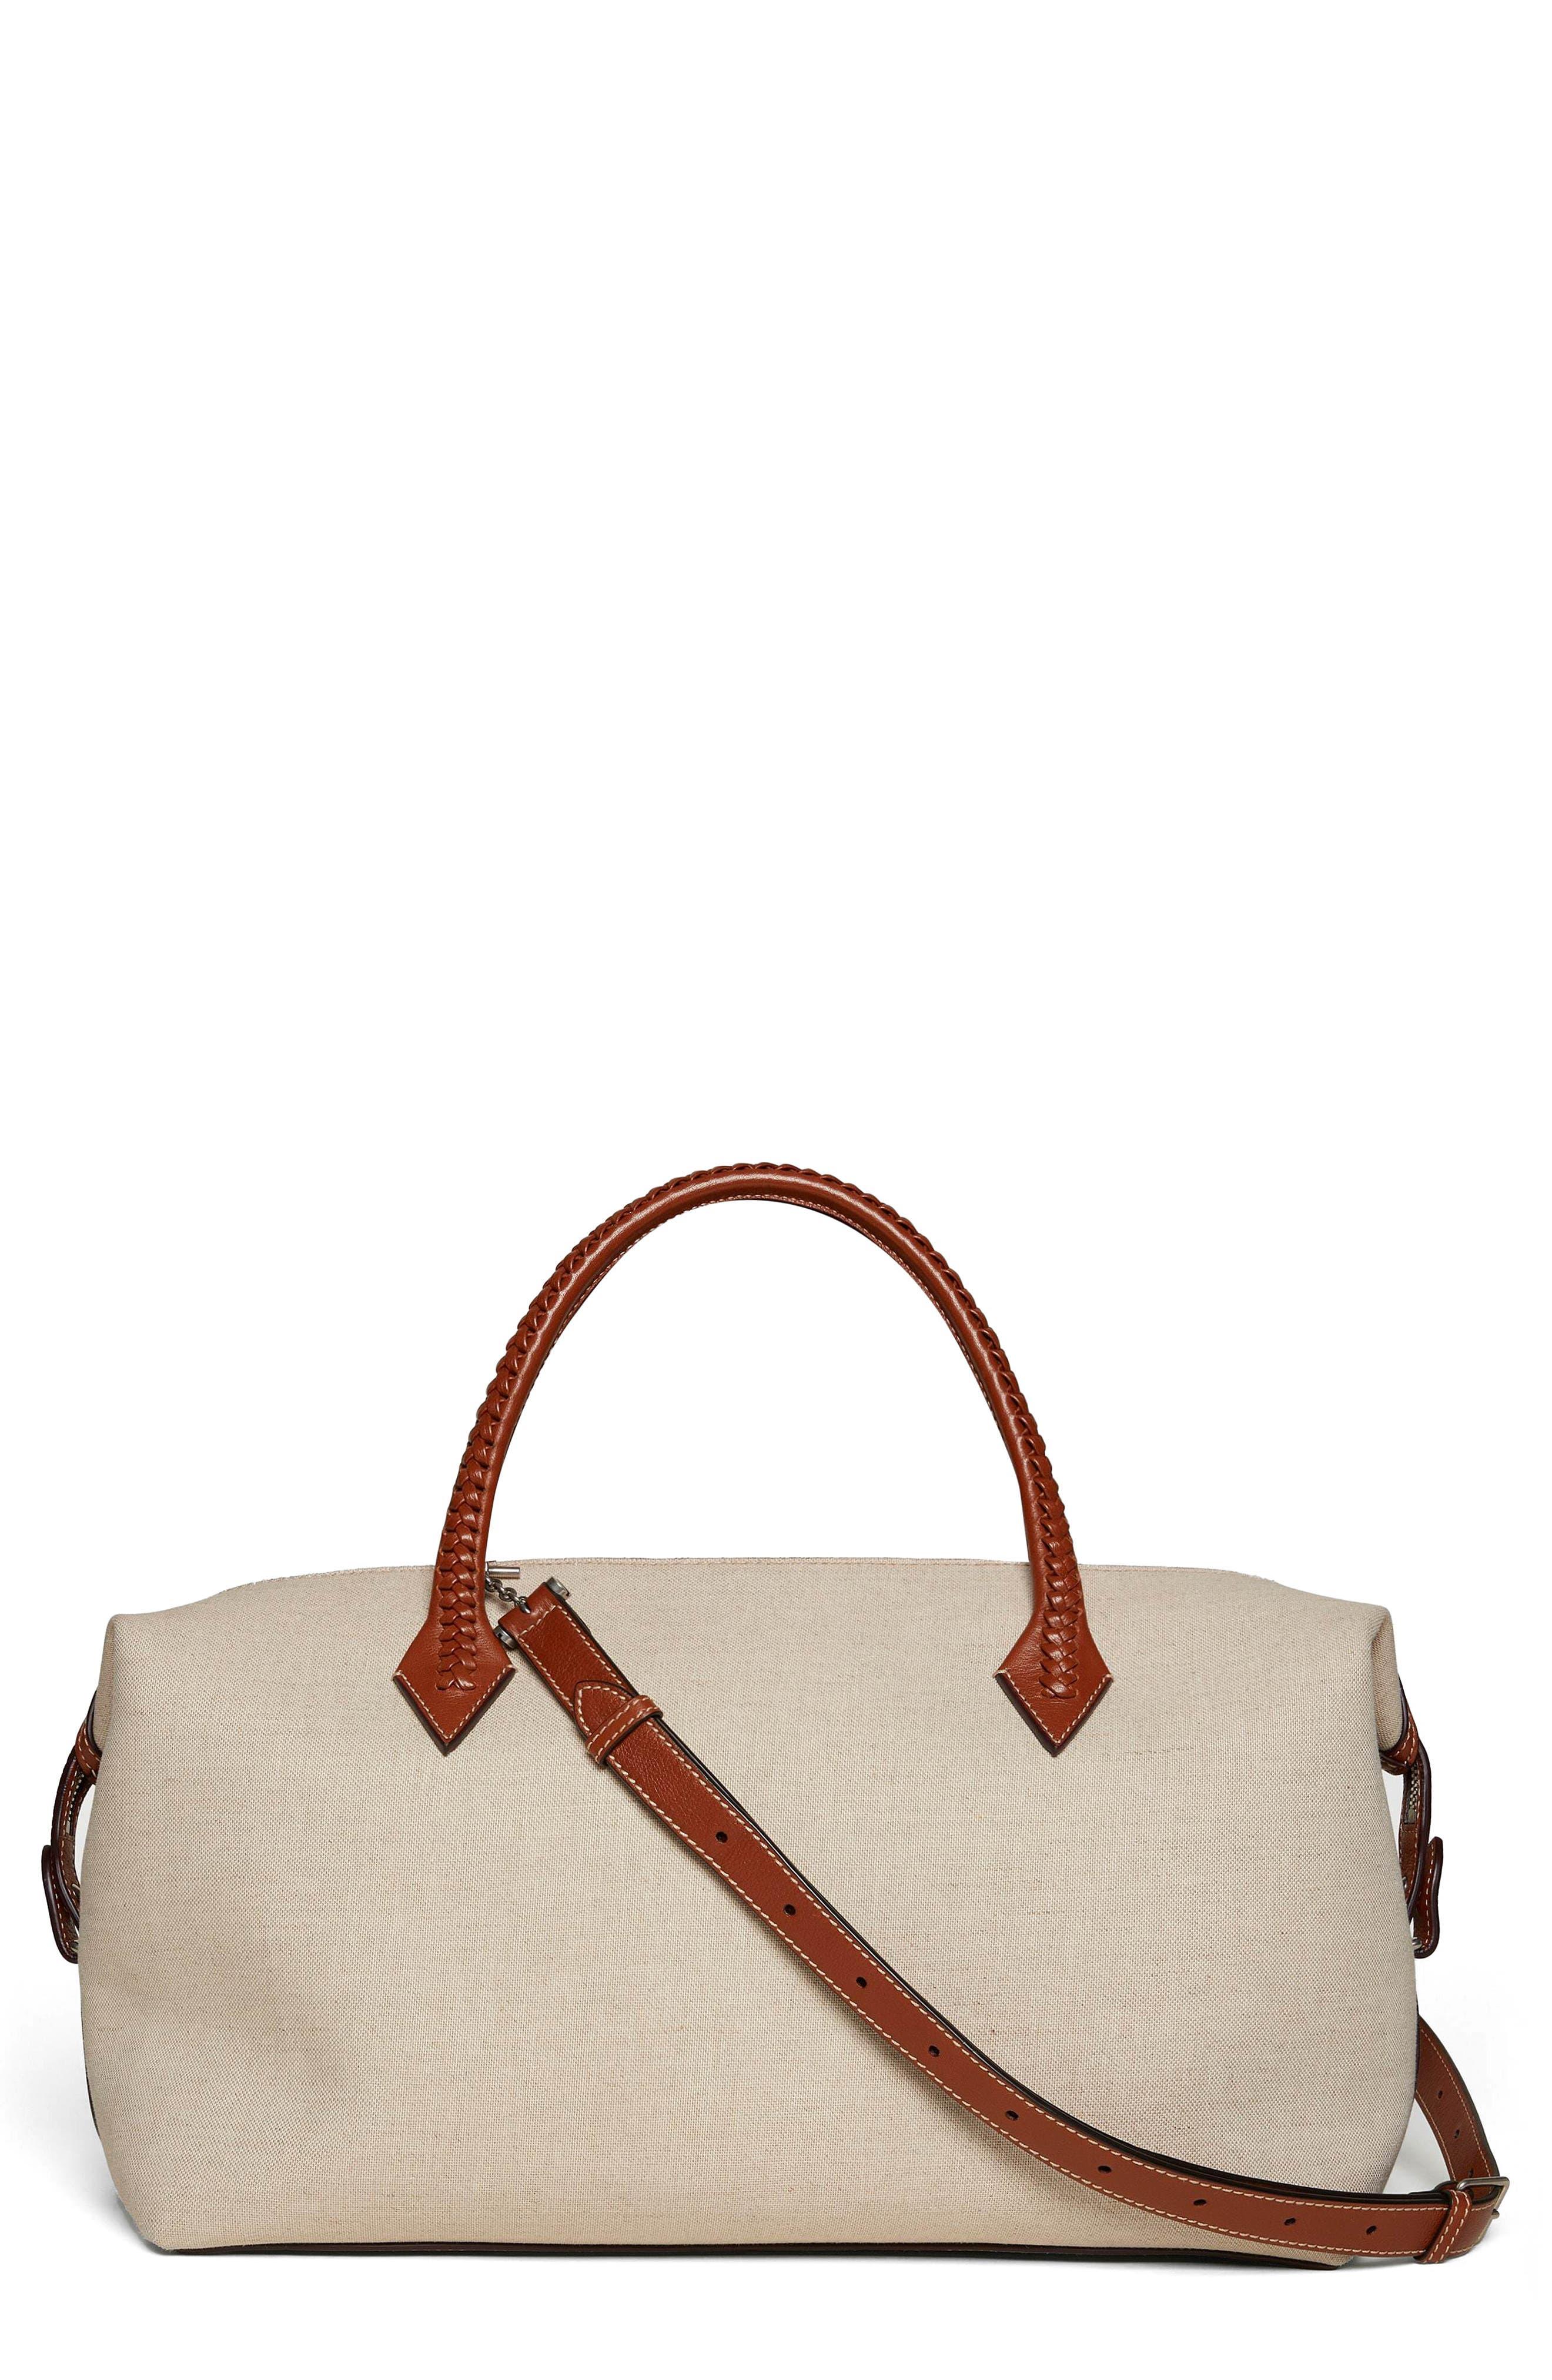 Perriand City Linen Duffle Handbag